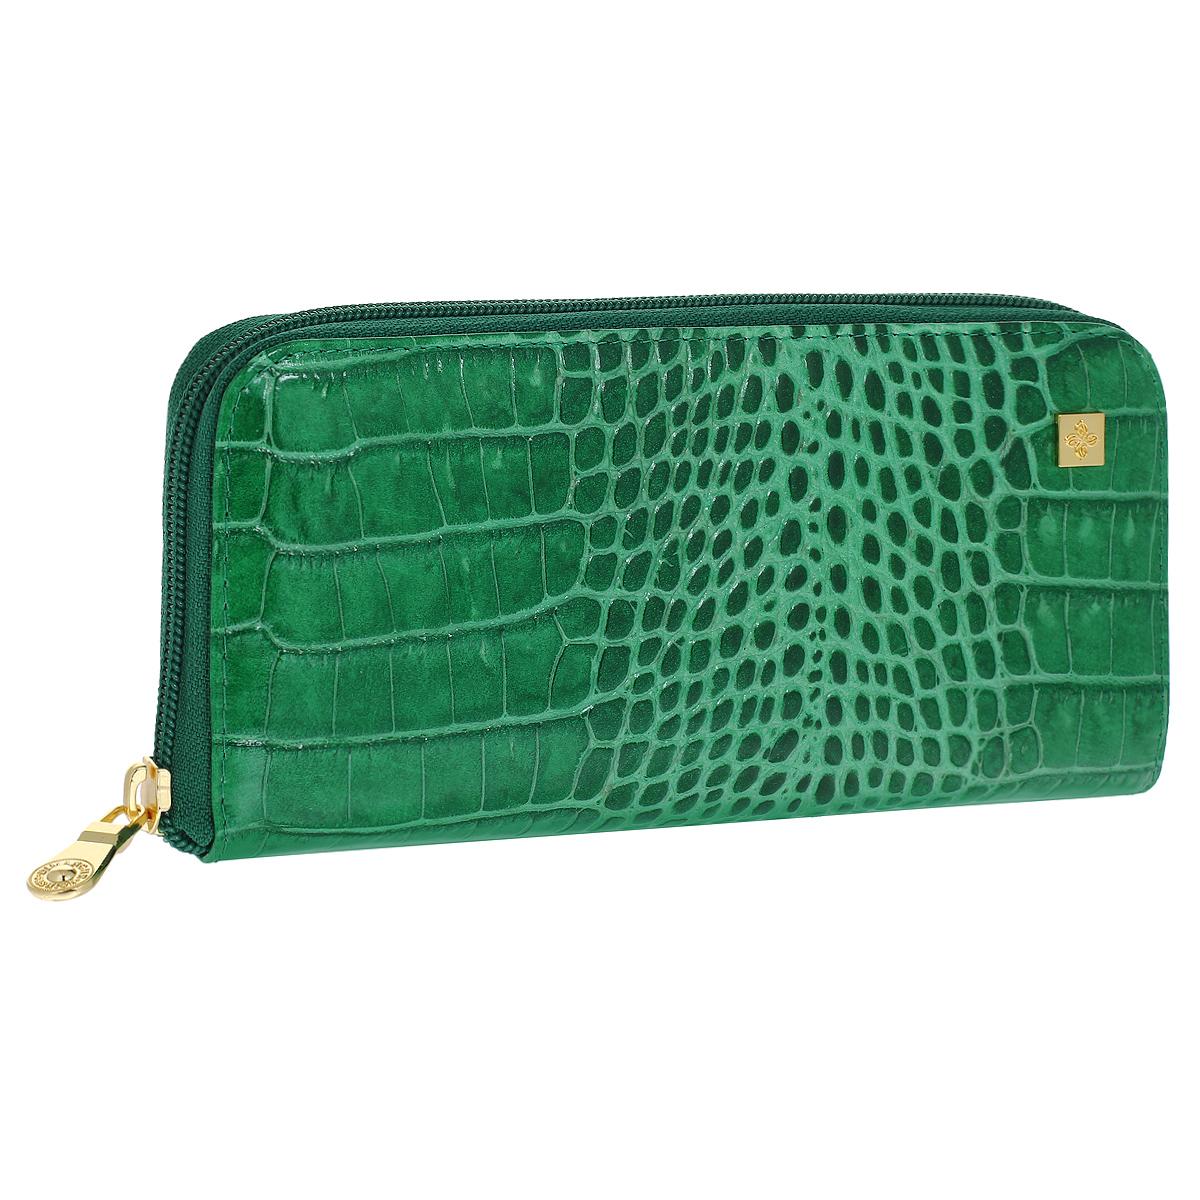 Портмоне женское Dimanche Казино, цвет: зеленый. 986W16-12123_811Стильное женское портмоне Dimanche Казино изготовлено из натуральной лакированной кожи зеленого цвета с декоративным тиснением под рептилию. Закрывается на застежку-молнию. Внутри содержится 4 вместительных отделения для купюр, карман на молнии для мелочи, 6 кармашков для пластиковых карт и 2 потайных кармашка для бумаг, один из которых на молнии. Стильное портмоне эффектно дополнит ваш образ и станет незаменимым аксессуаром.